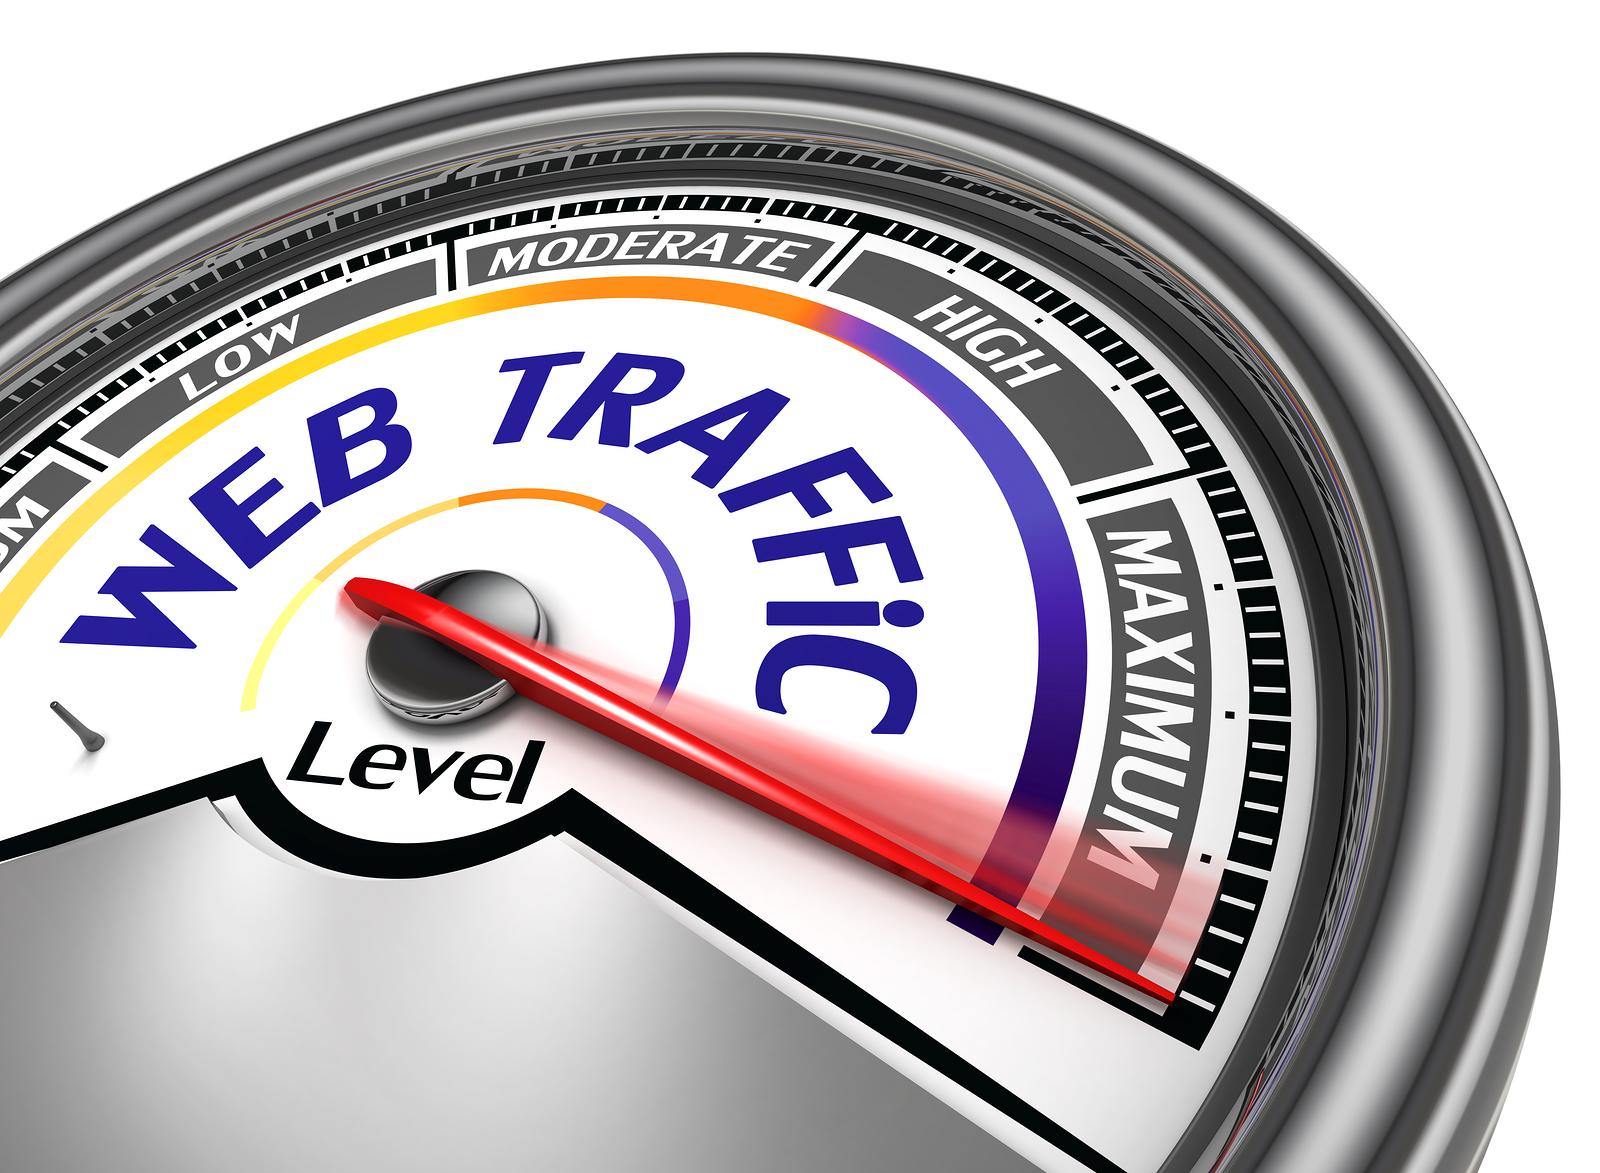 wpshopmart Web Traffic Conceptual Meter